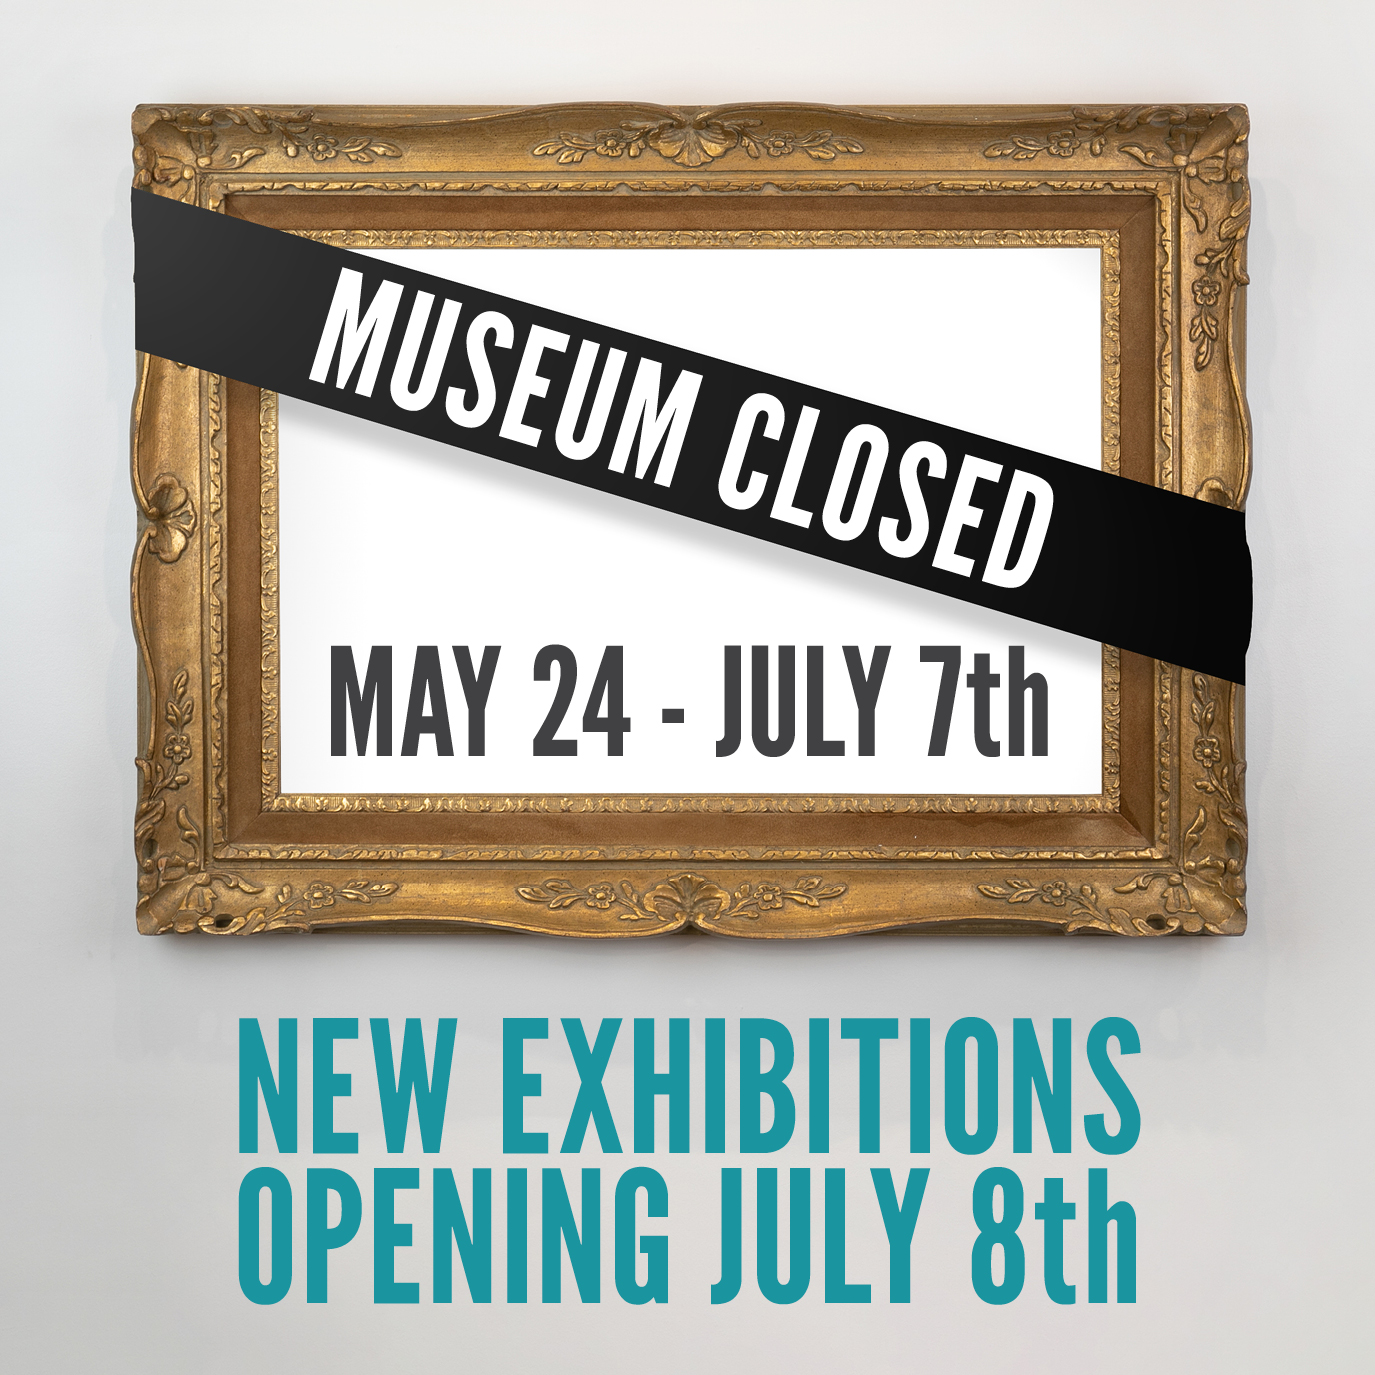 New Exhibitions